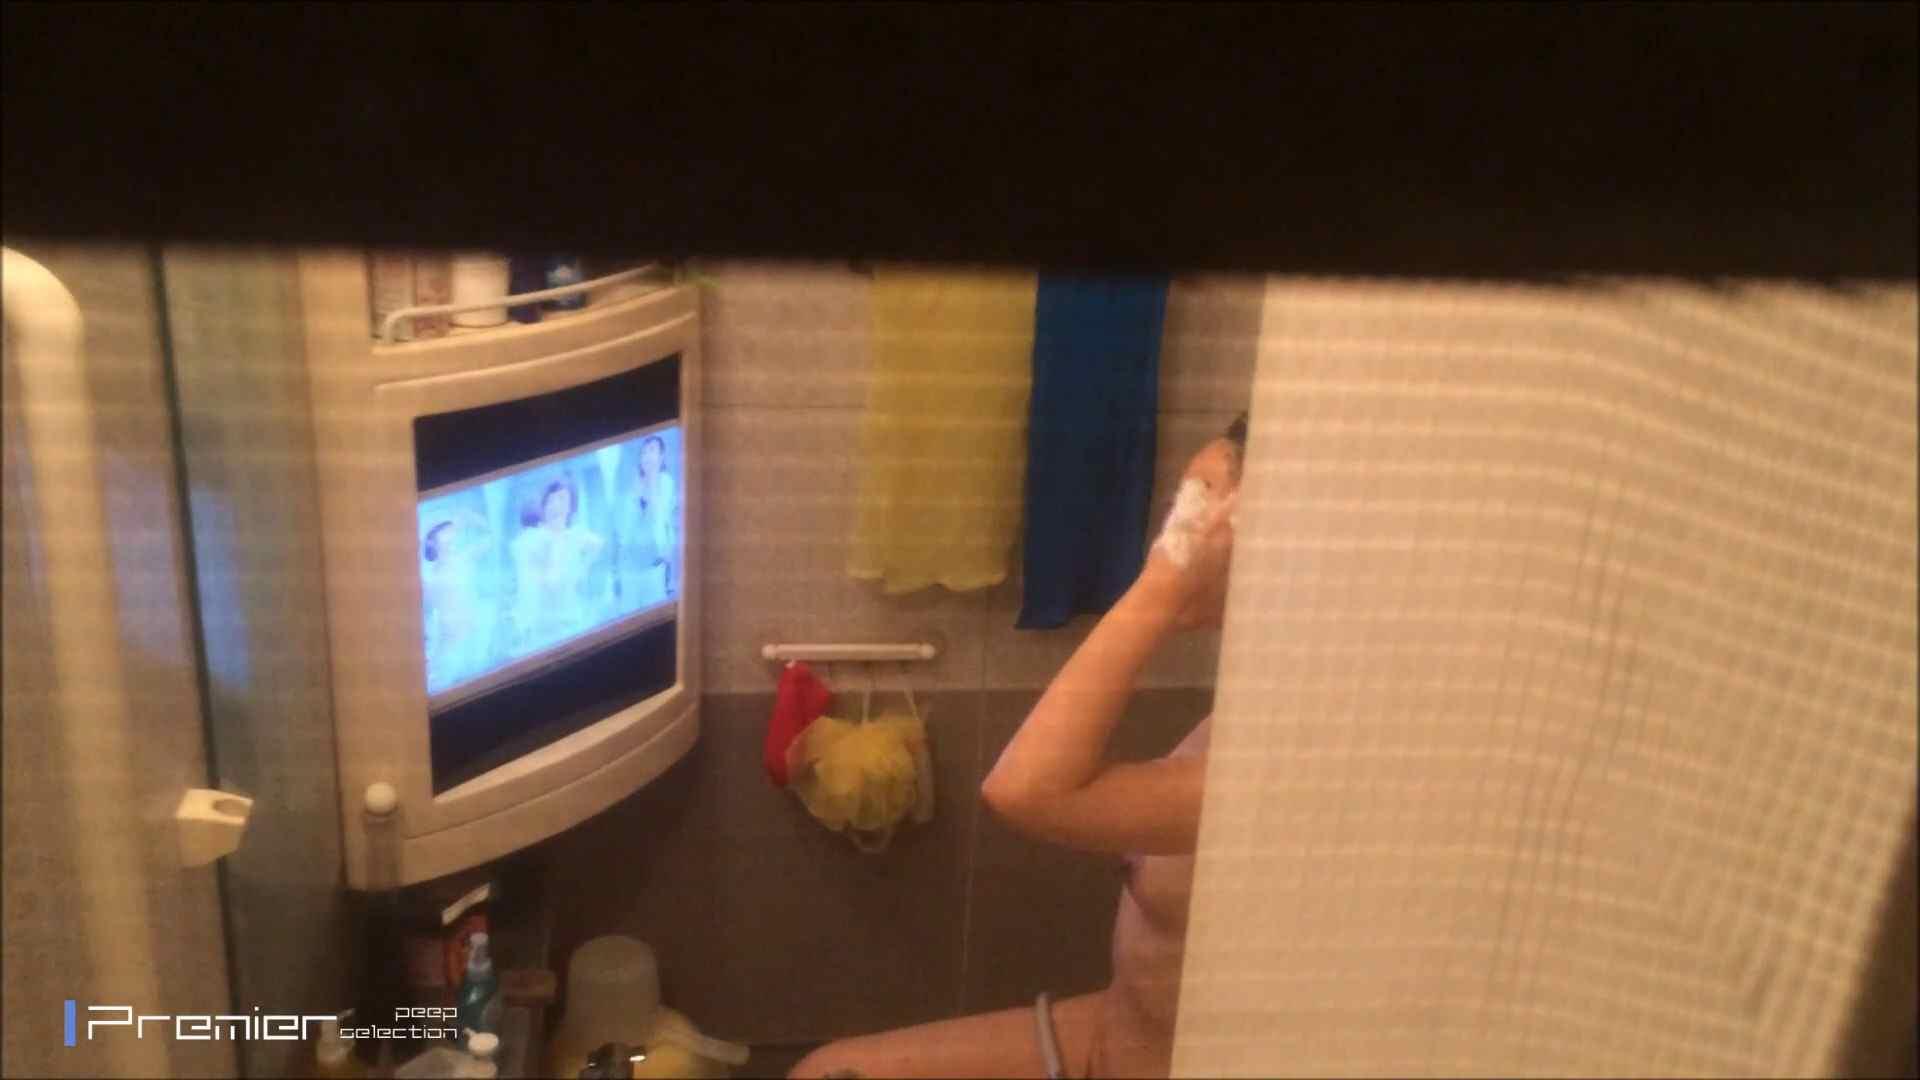 美女のテレビを見ながらの入浴 乙女の風呂場 Vol.21 美女 アダルト動画キャプチャ 69画像 24